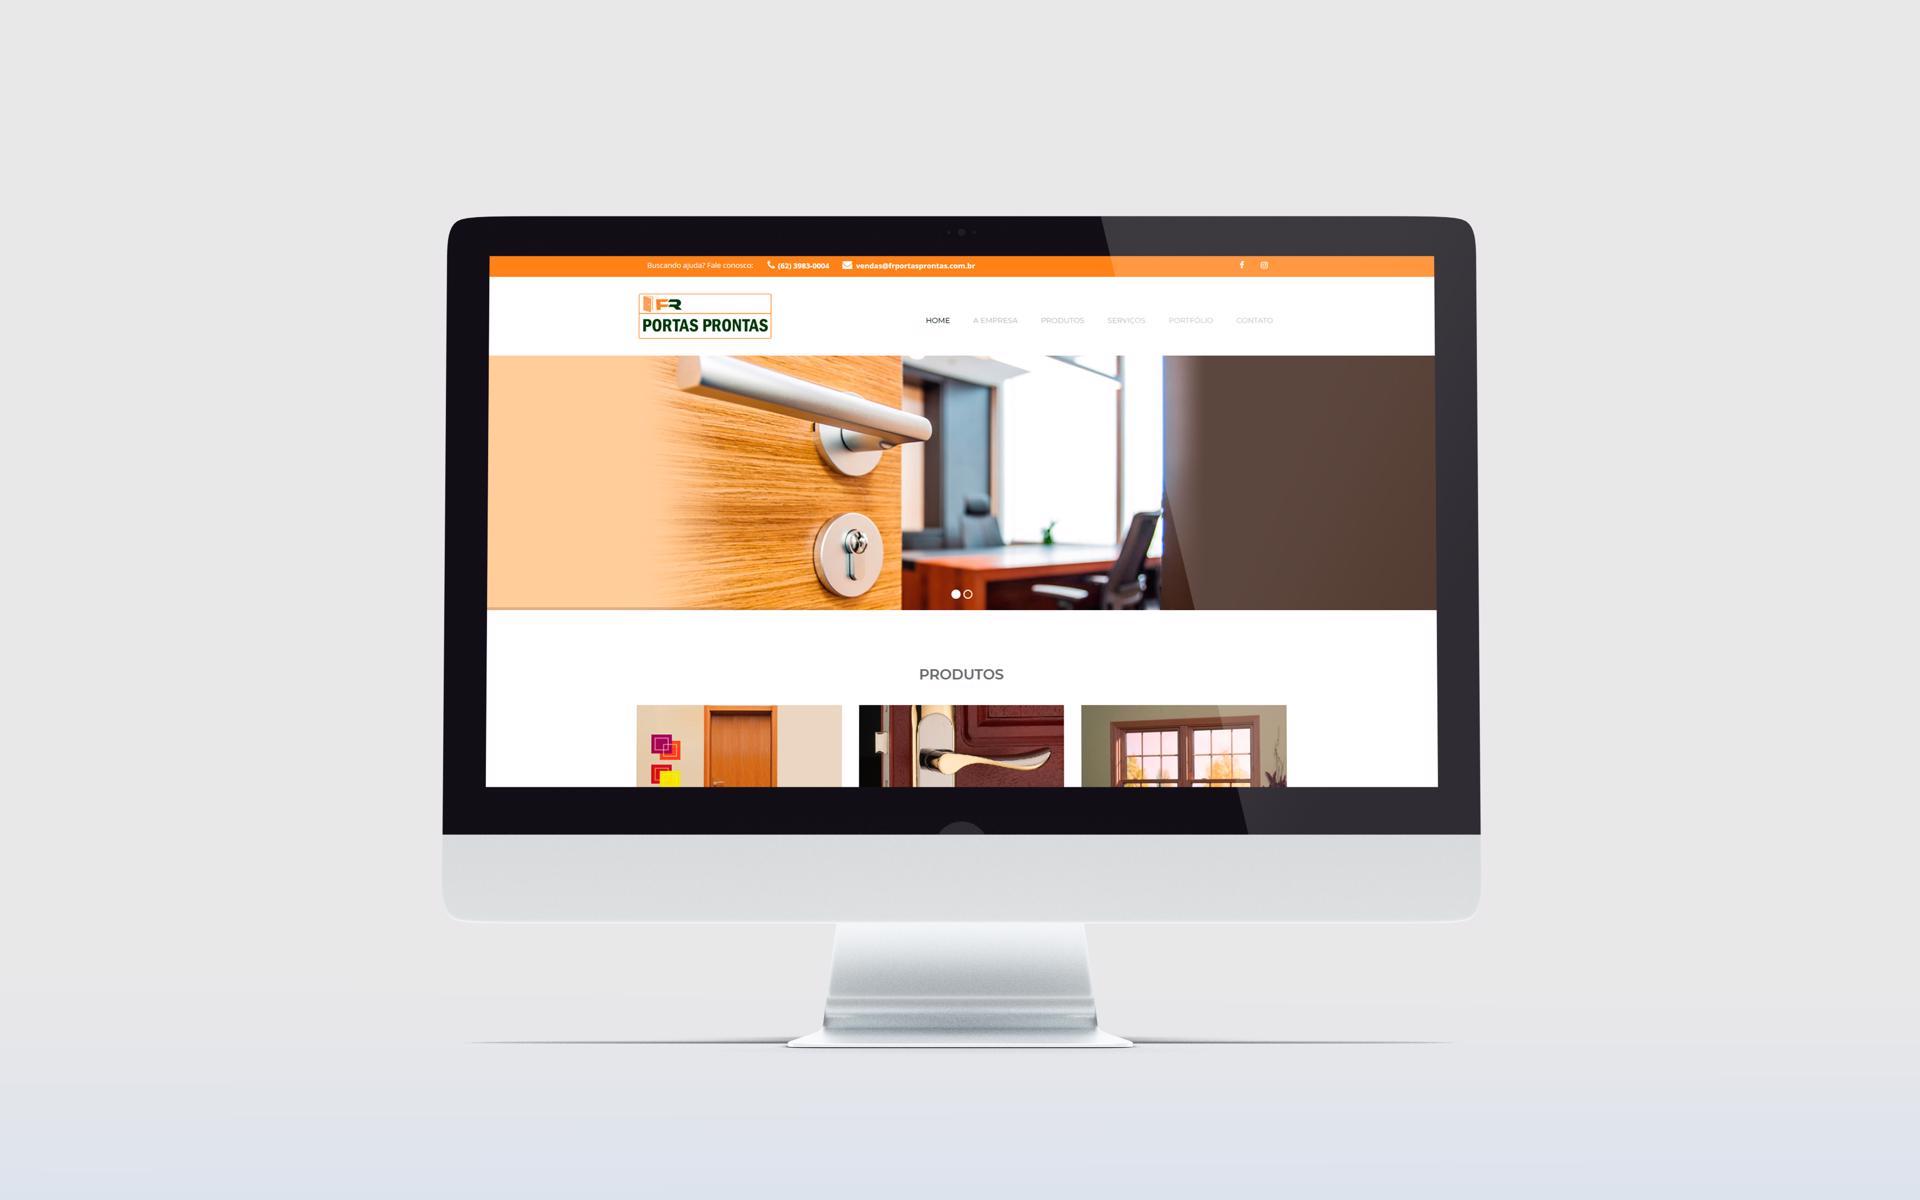 Criação de Sites WordPress - FR Portas Prontas - Buenosites - Criação de Sites e Logotipos